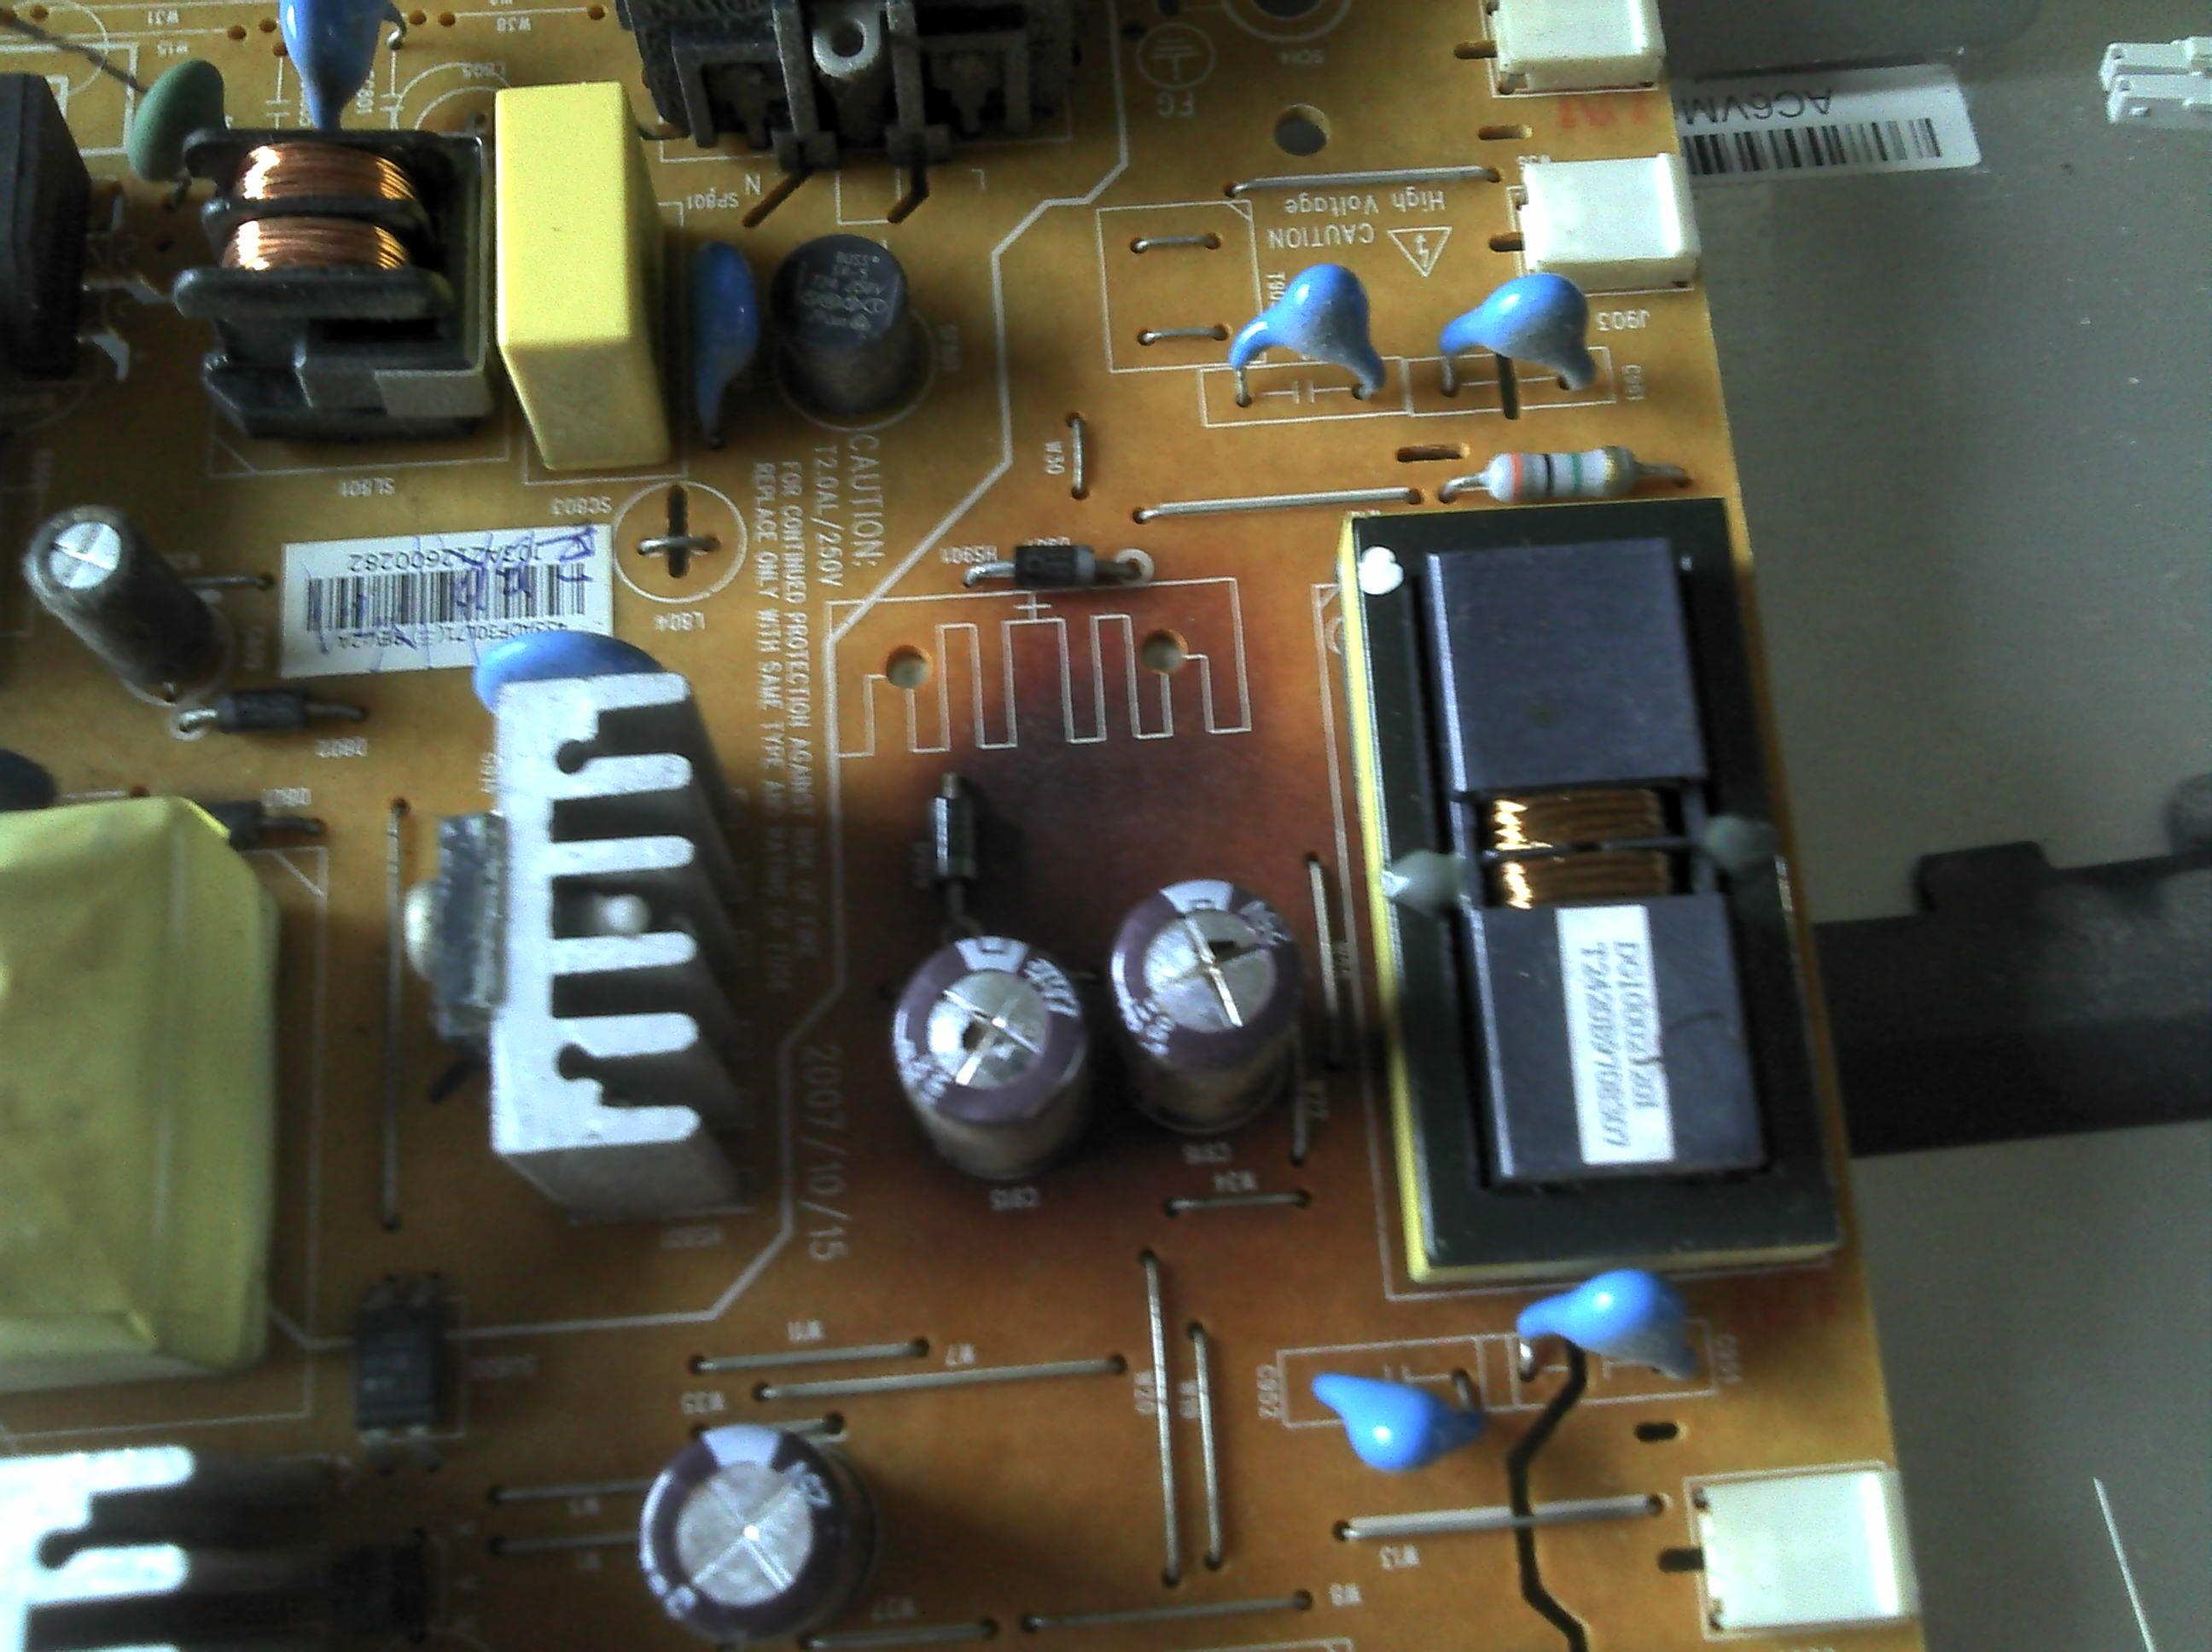 液晶显示器电源高压板这样了还有救吗?怎么修?